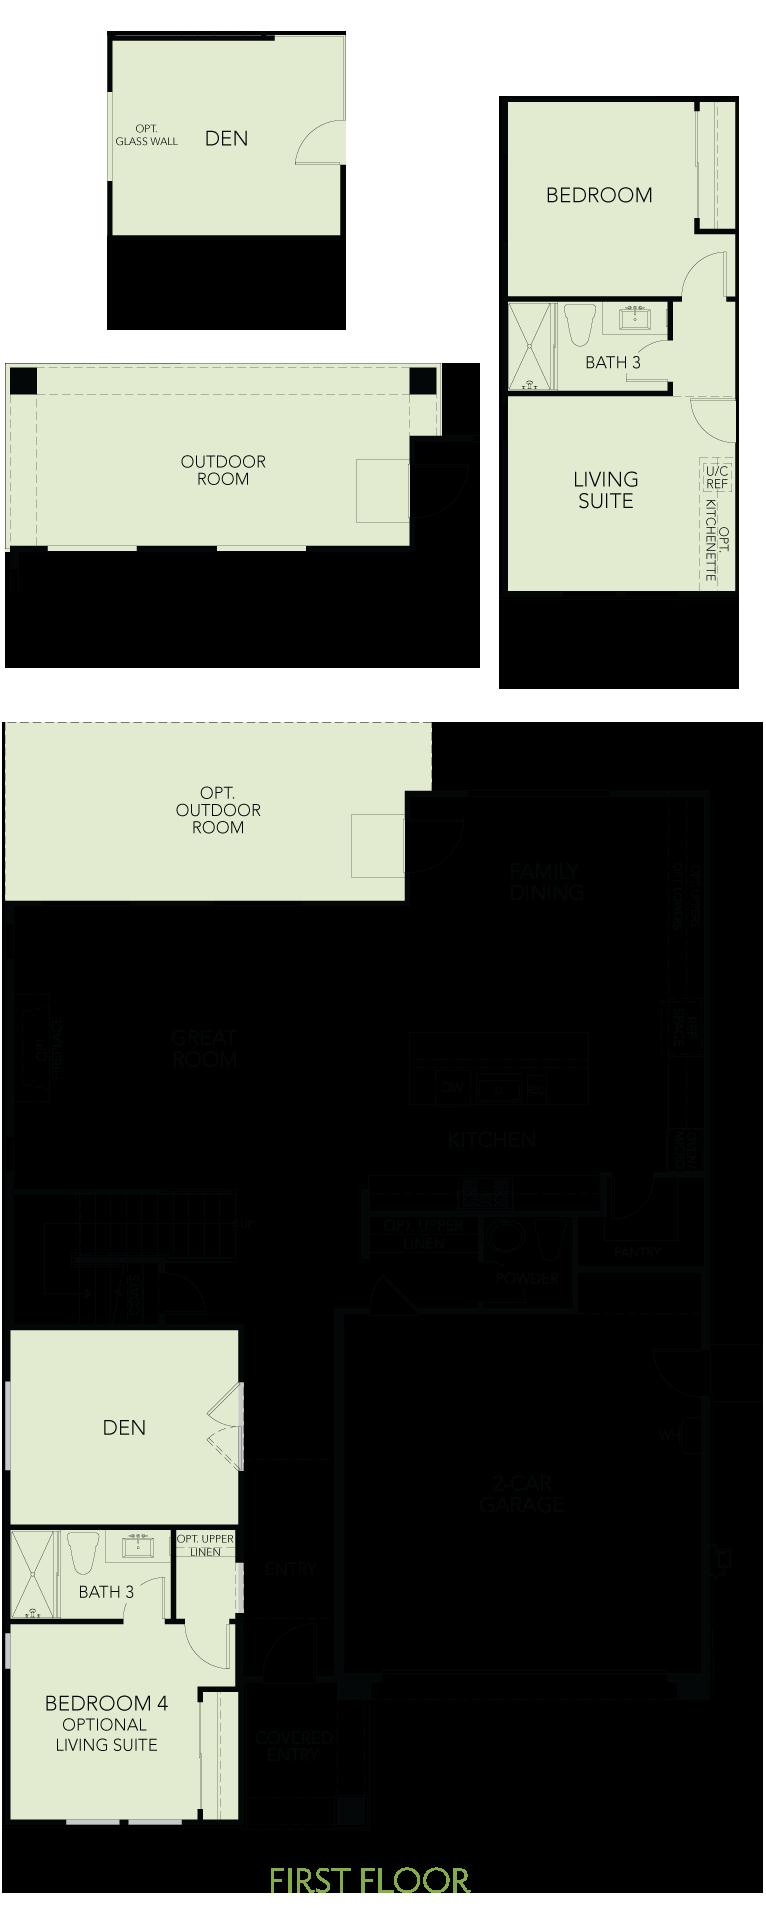 Shimmer at One Lake Floor Plan | Residence 3 | Floor 1